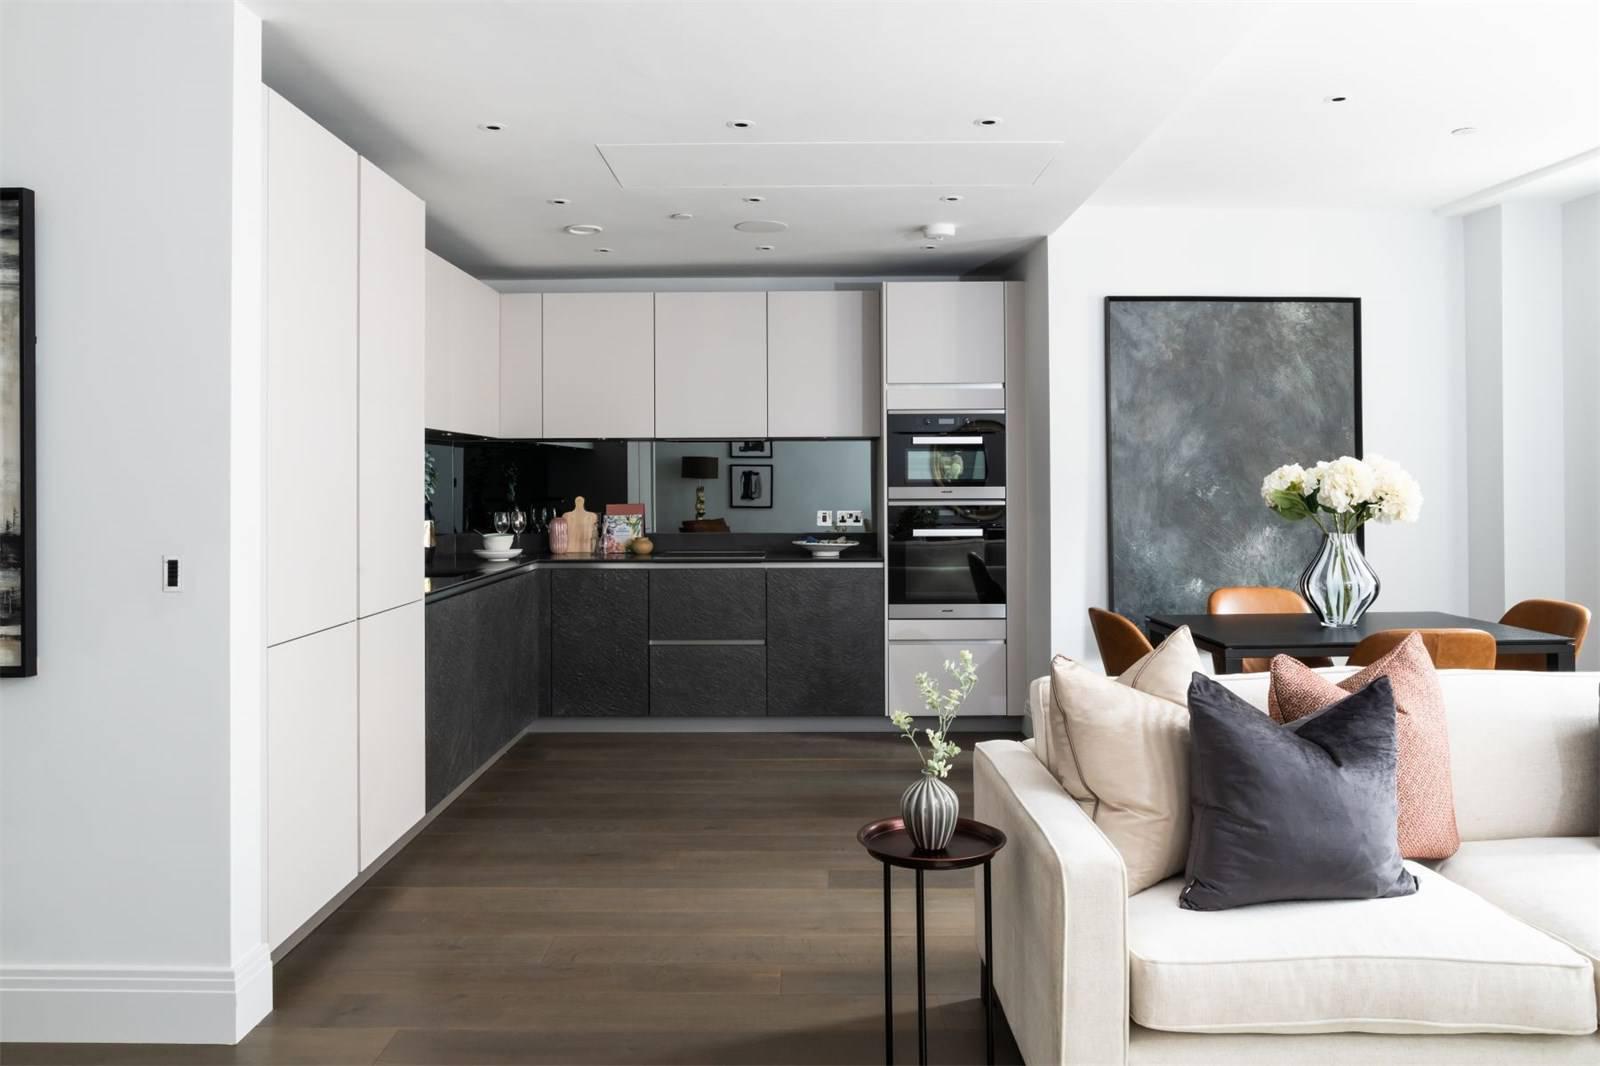 简约风二居室厨房装修效果图